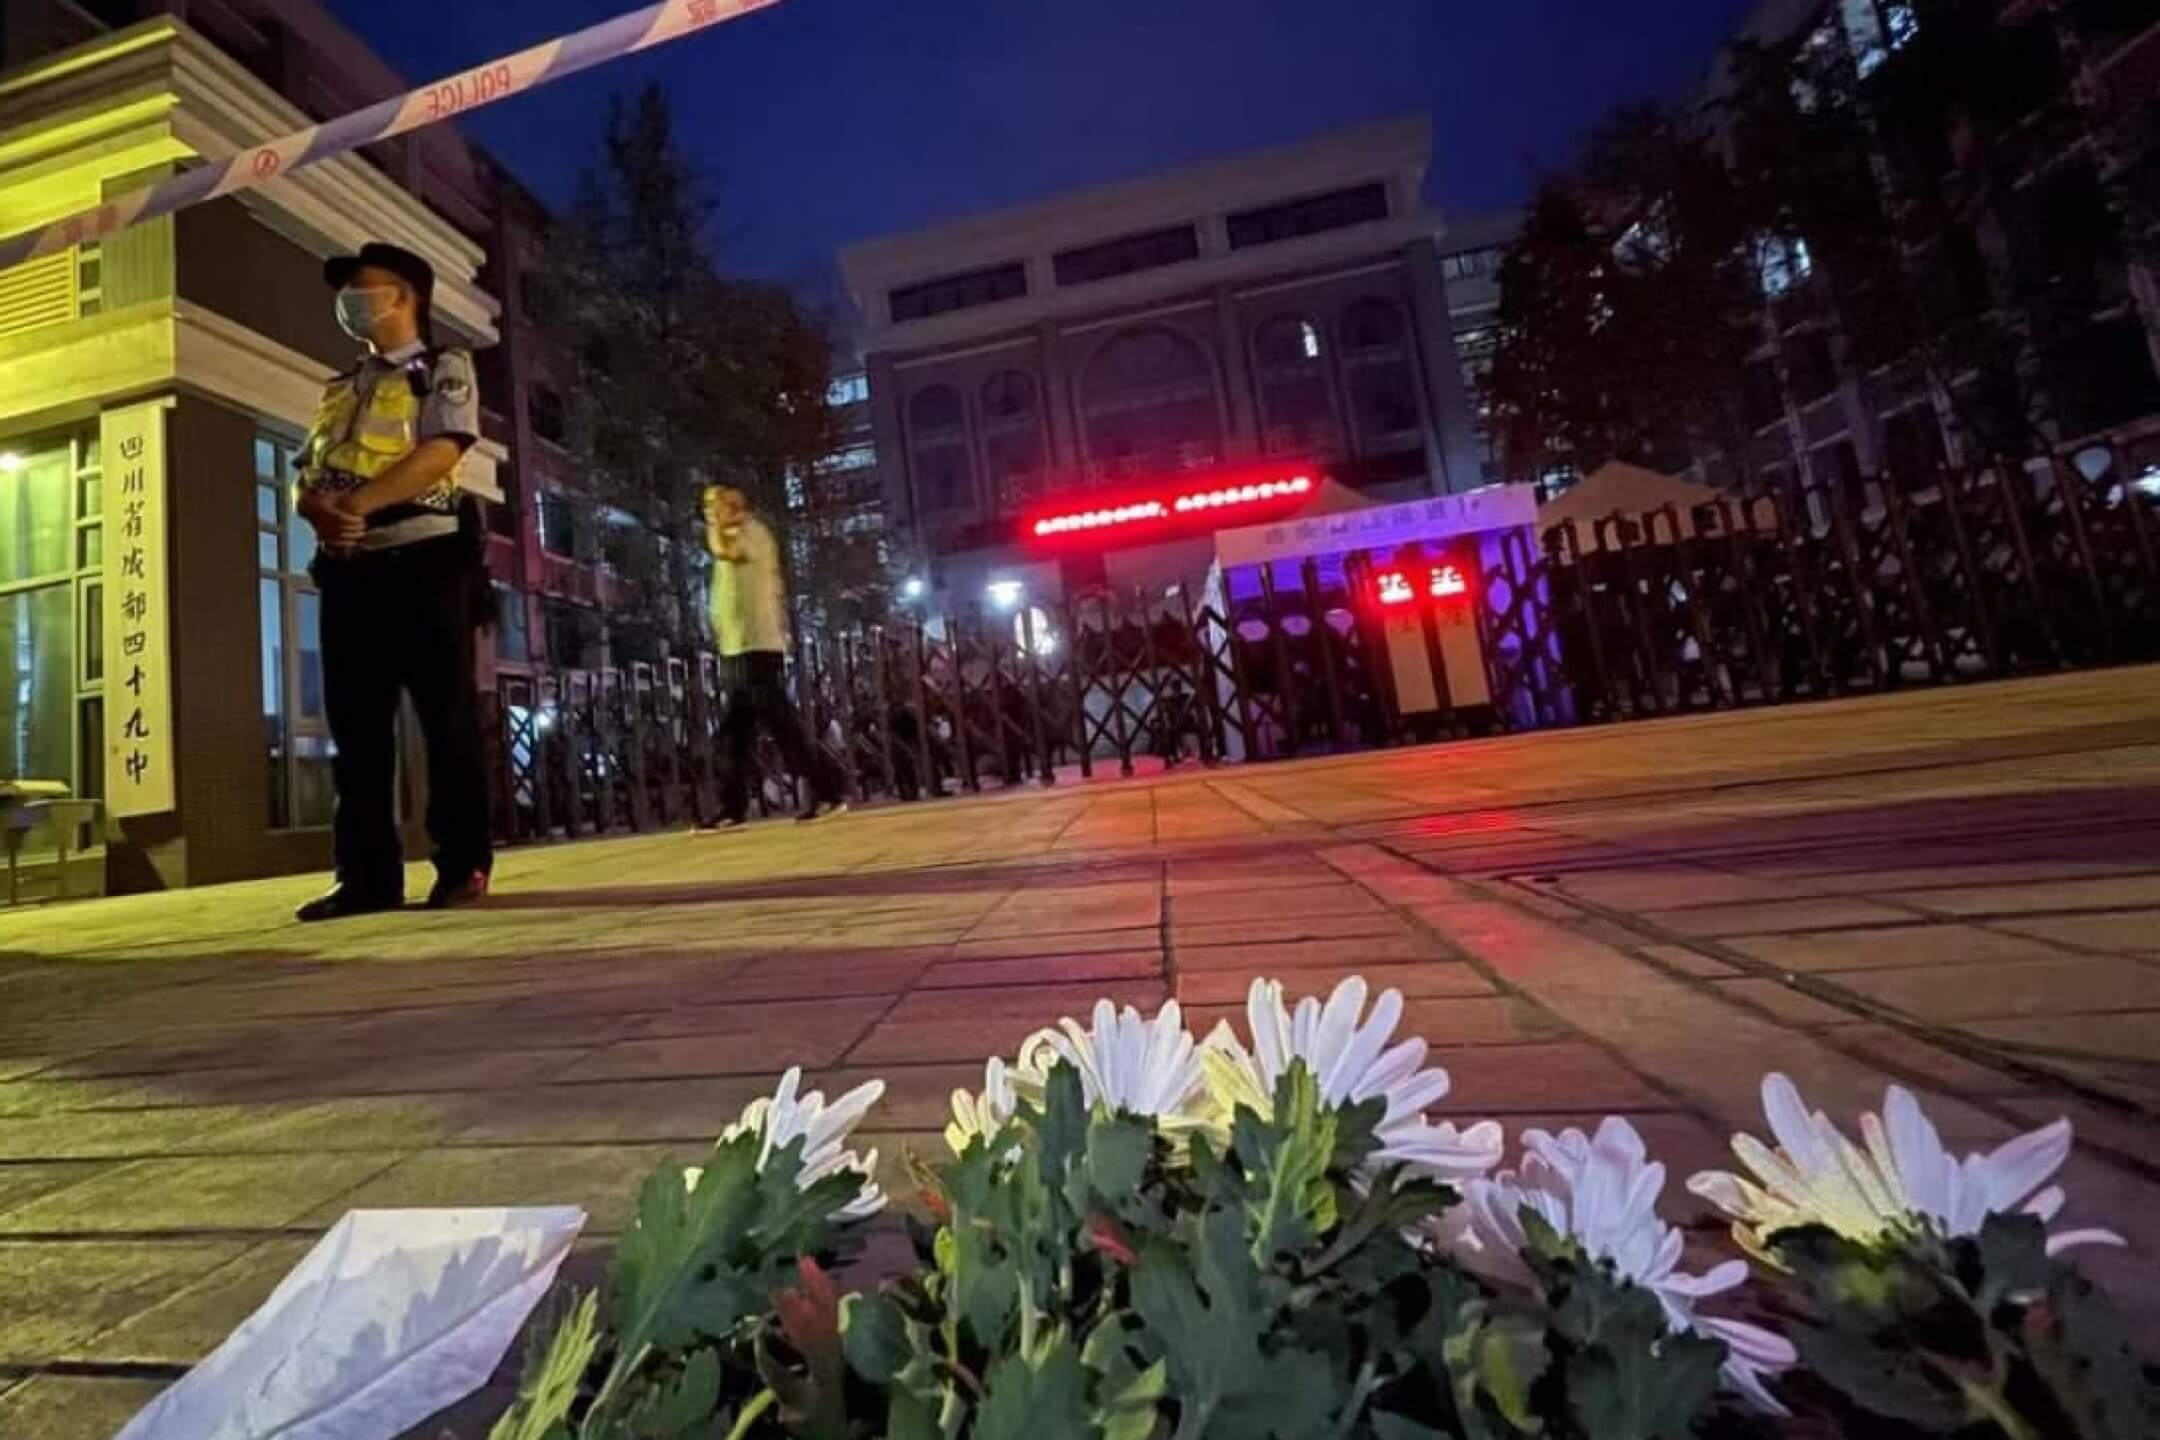 2021年5月11日,成都49中门外,前来悼念堕楼身亡学生林唯麒的民众把鲜花摆放在学校门前。